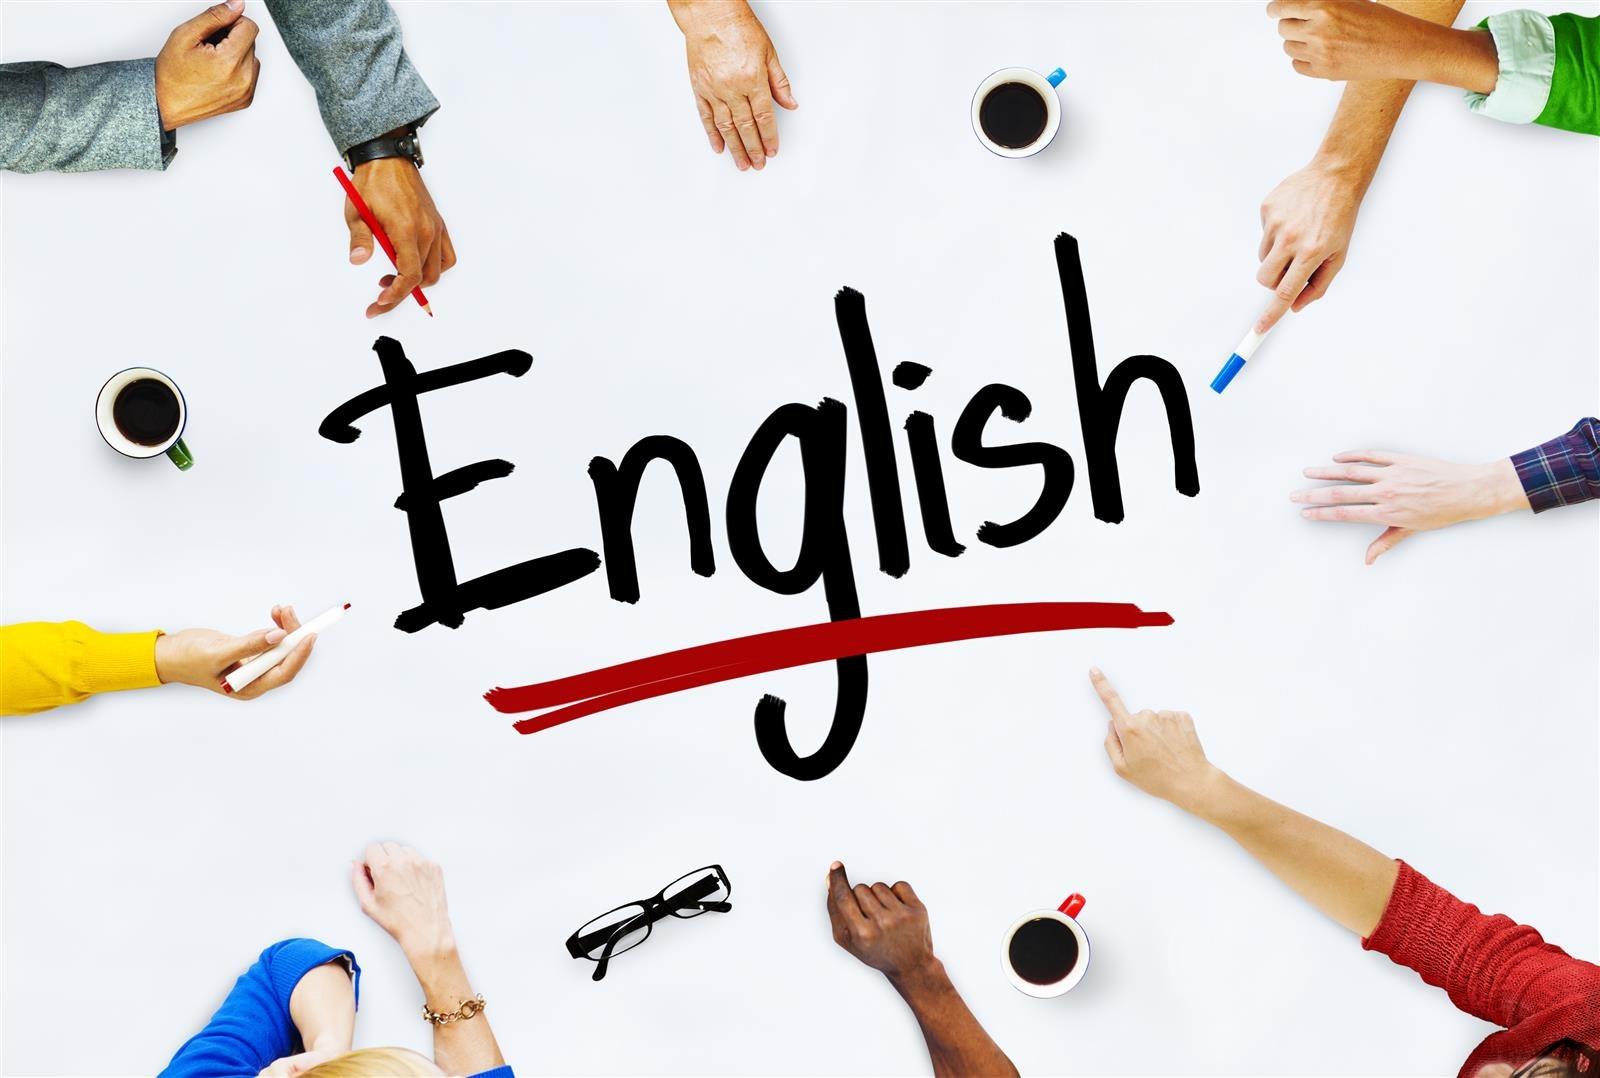 صور كلمات انجليزية مهمة , تعلم اهم المحادثات مهمه بالانجيلزية